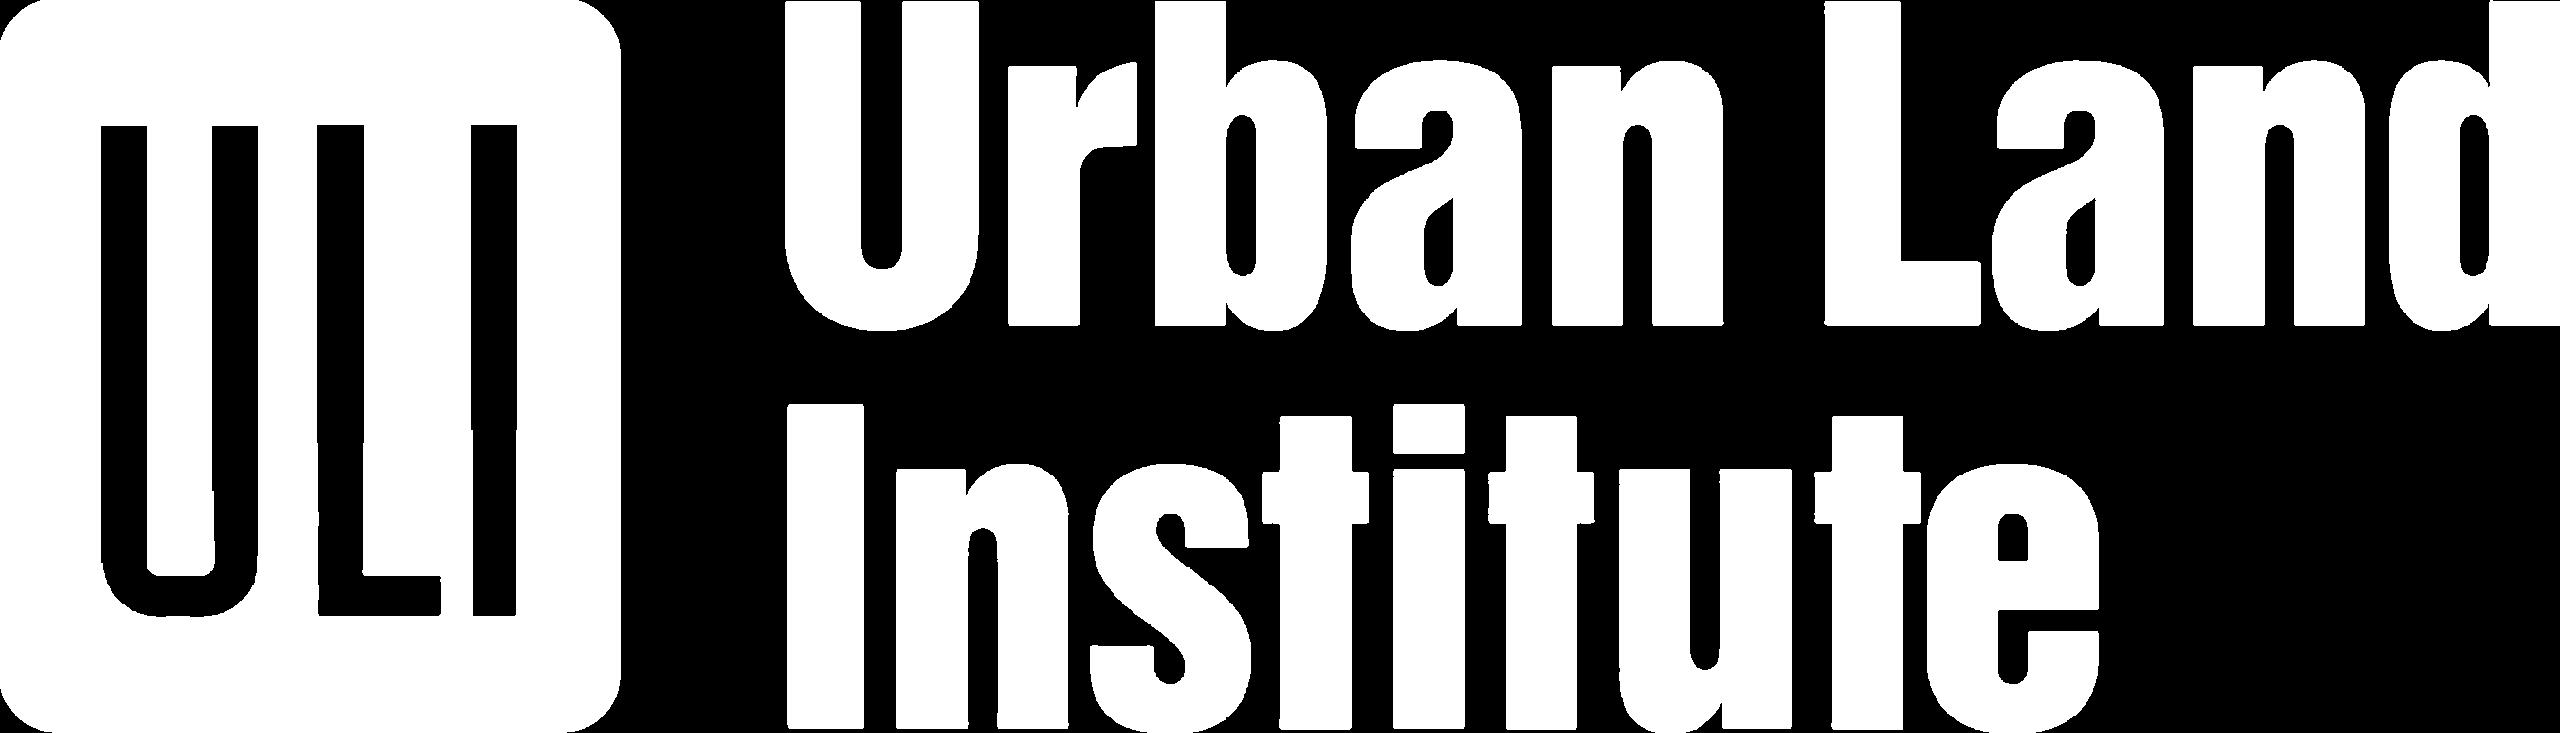 Urban Land Institute